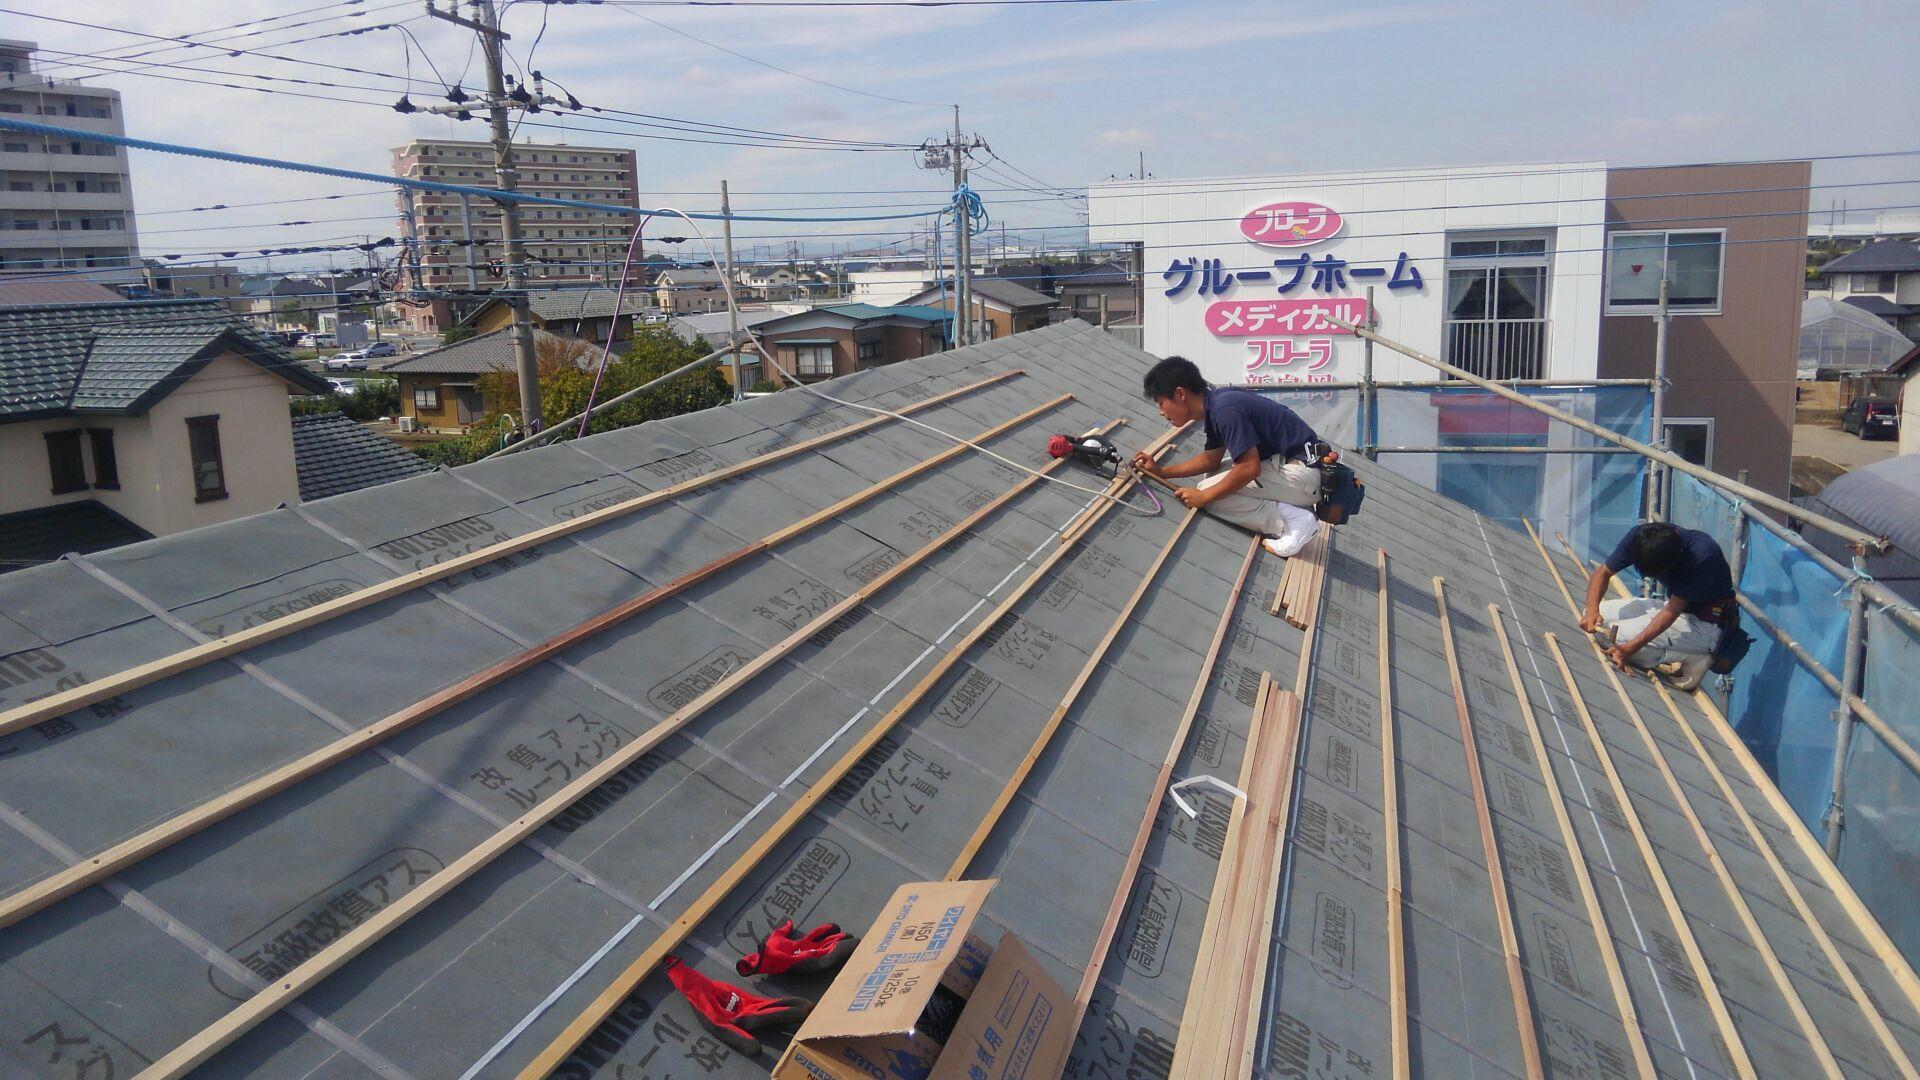 大工さんが瓦の引掛け桟、瓦桟の施工中です。